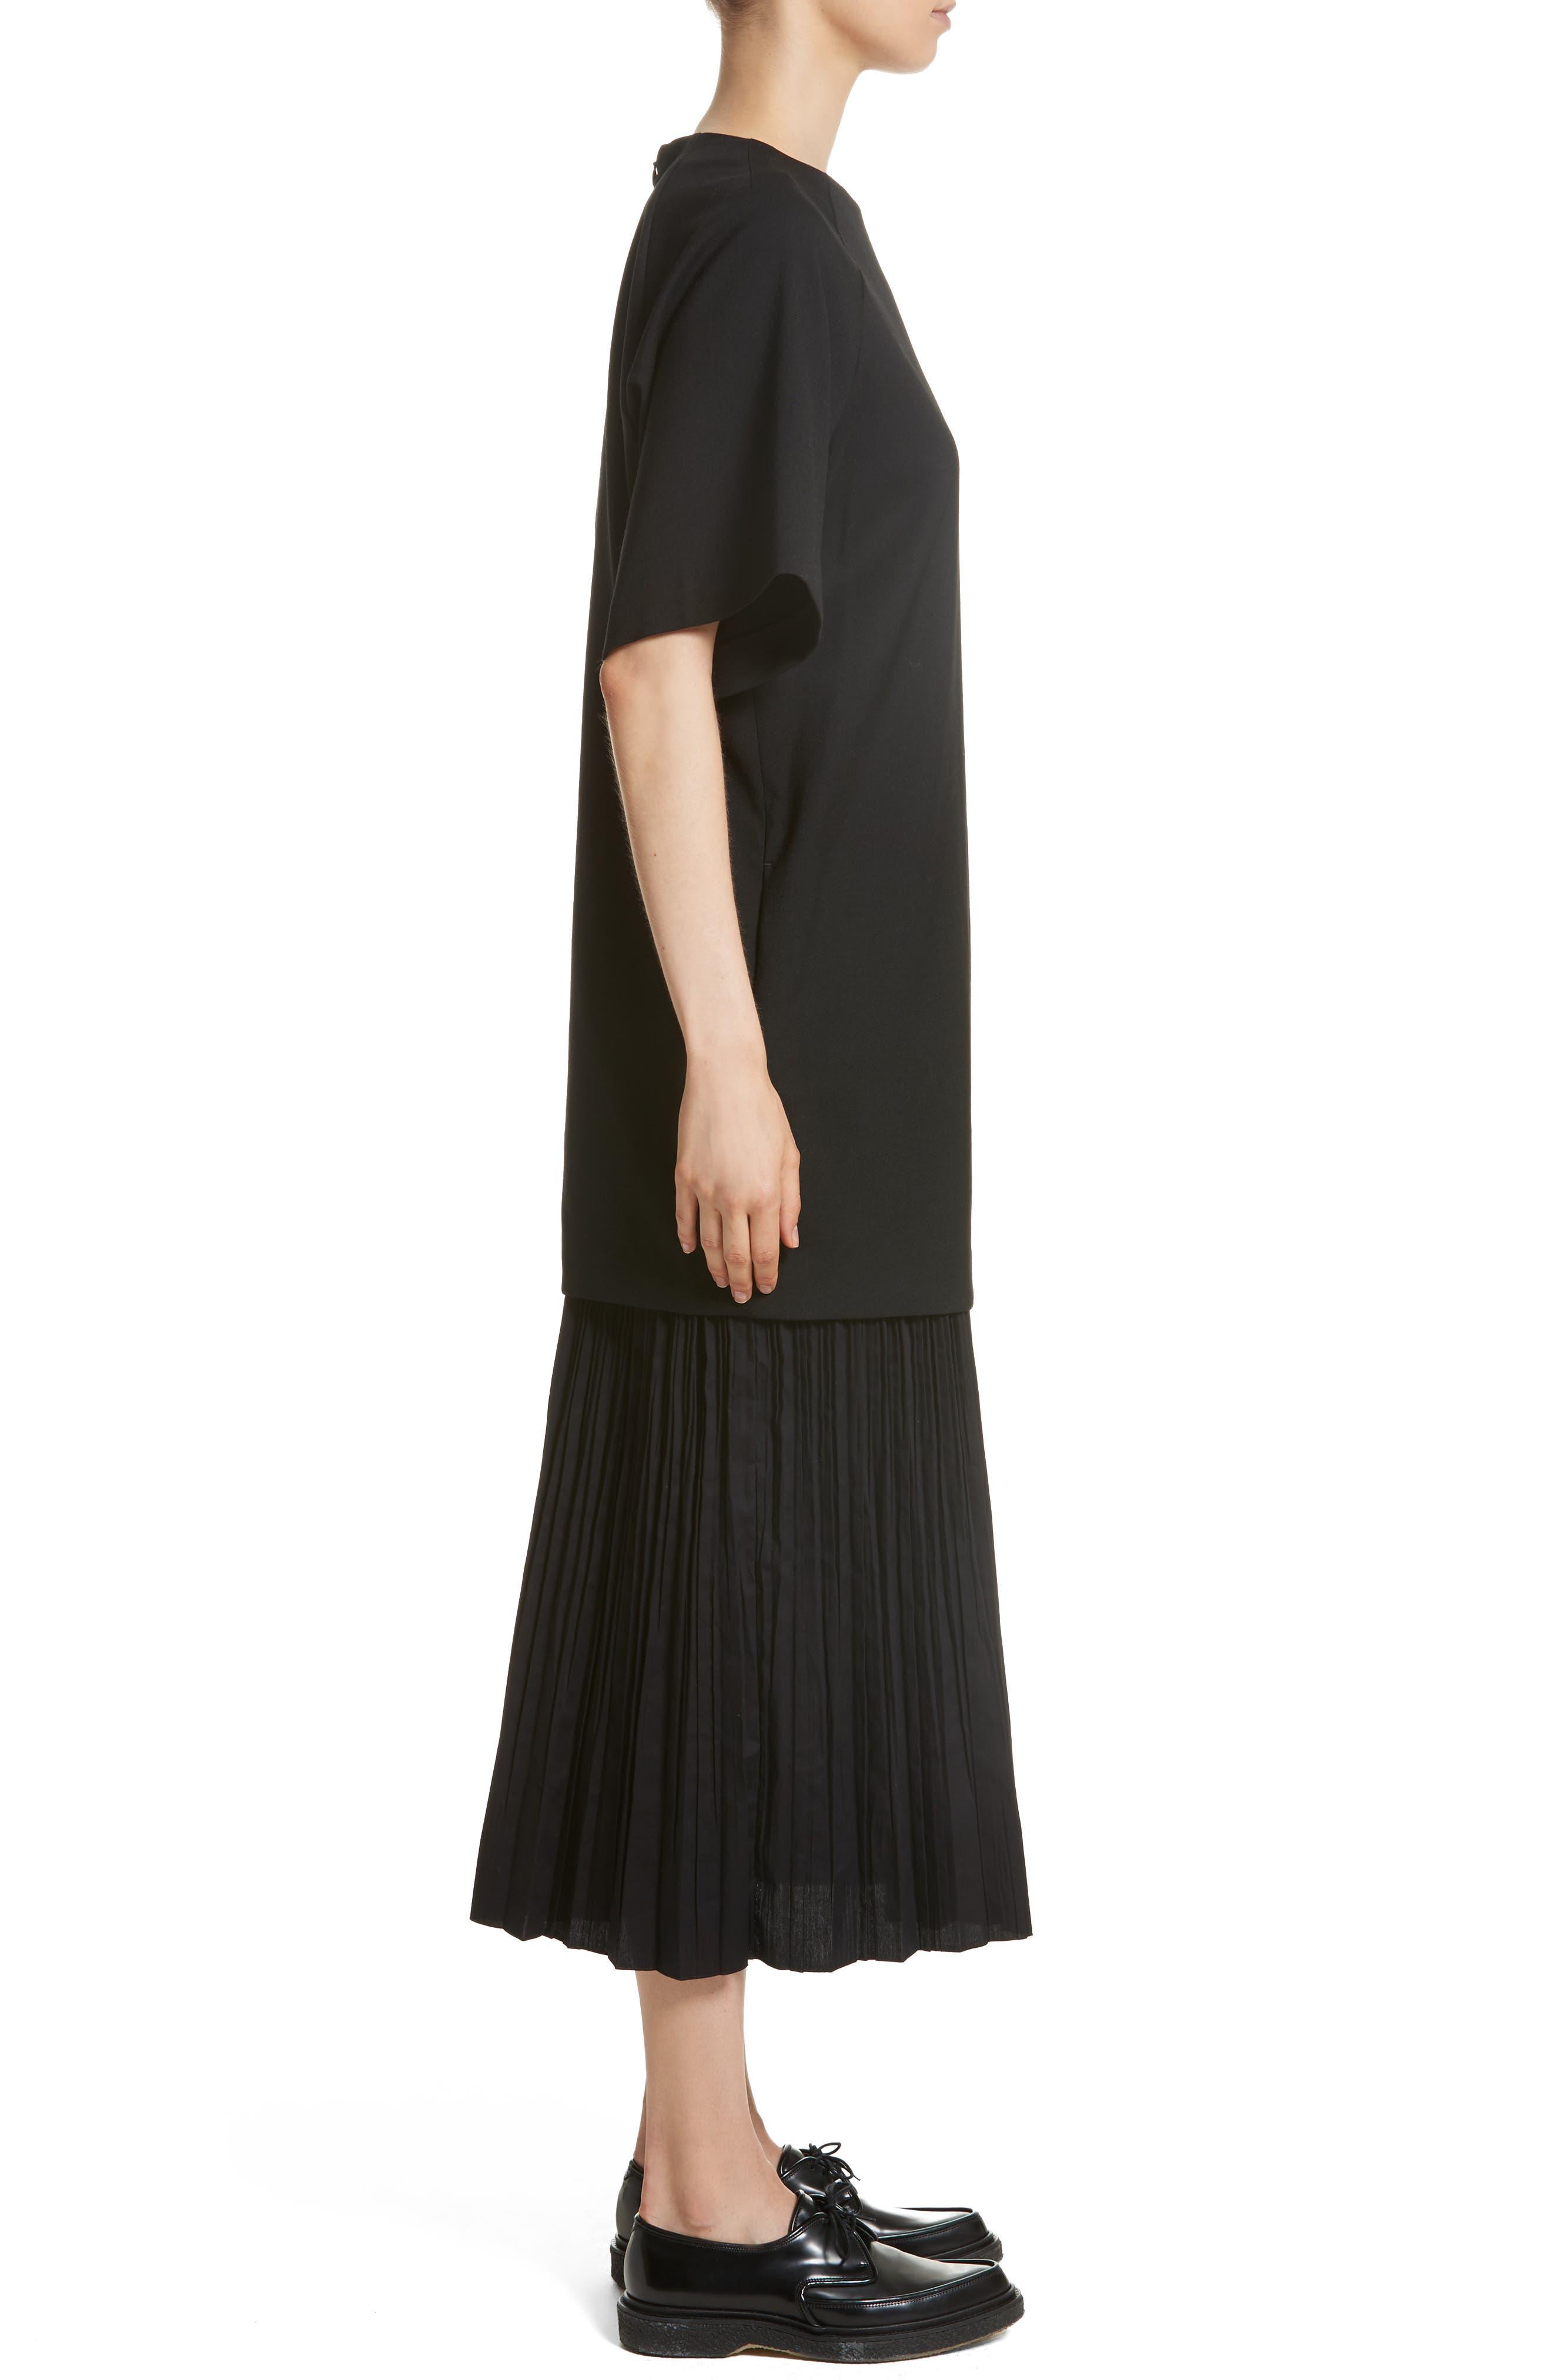 K Bottom Pleated Dress,                             Alternate thumbnail 4, color,                             Black